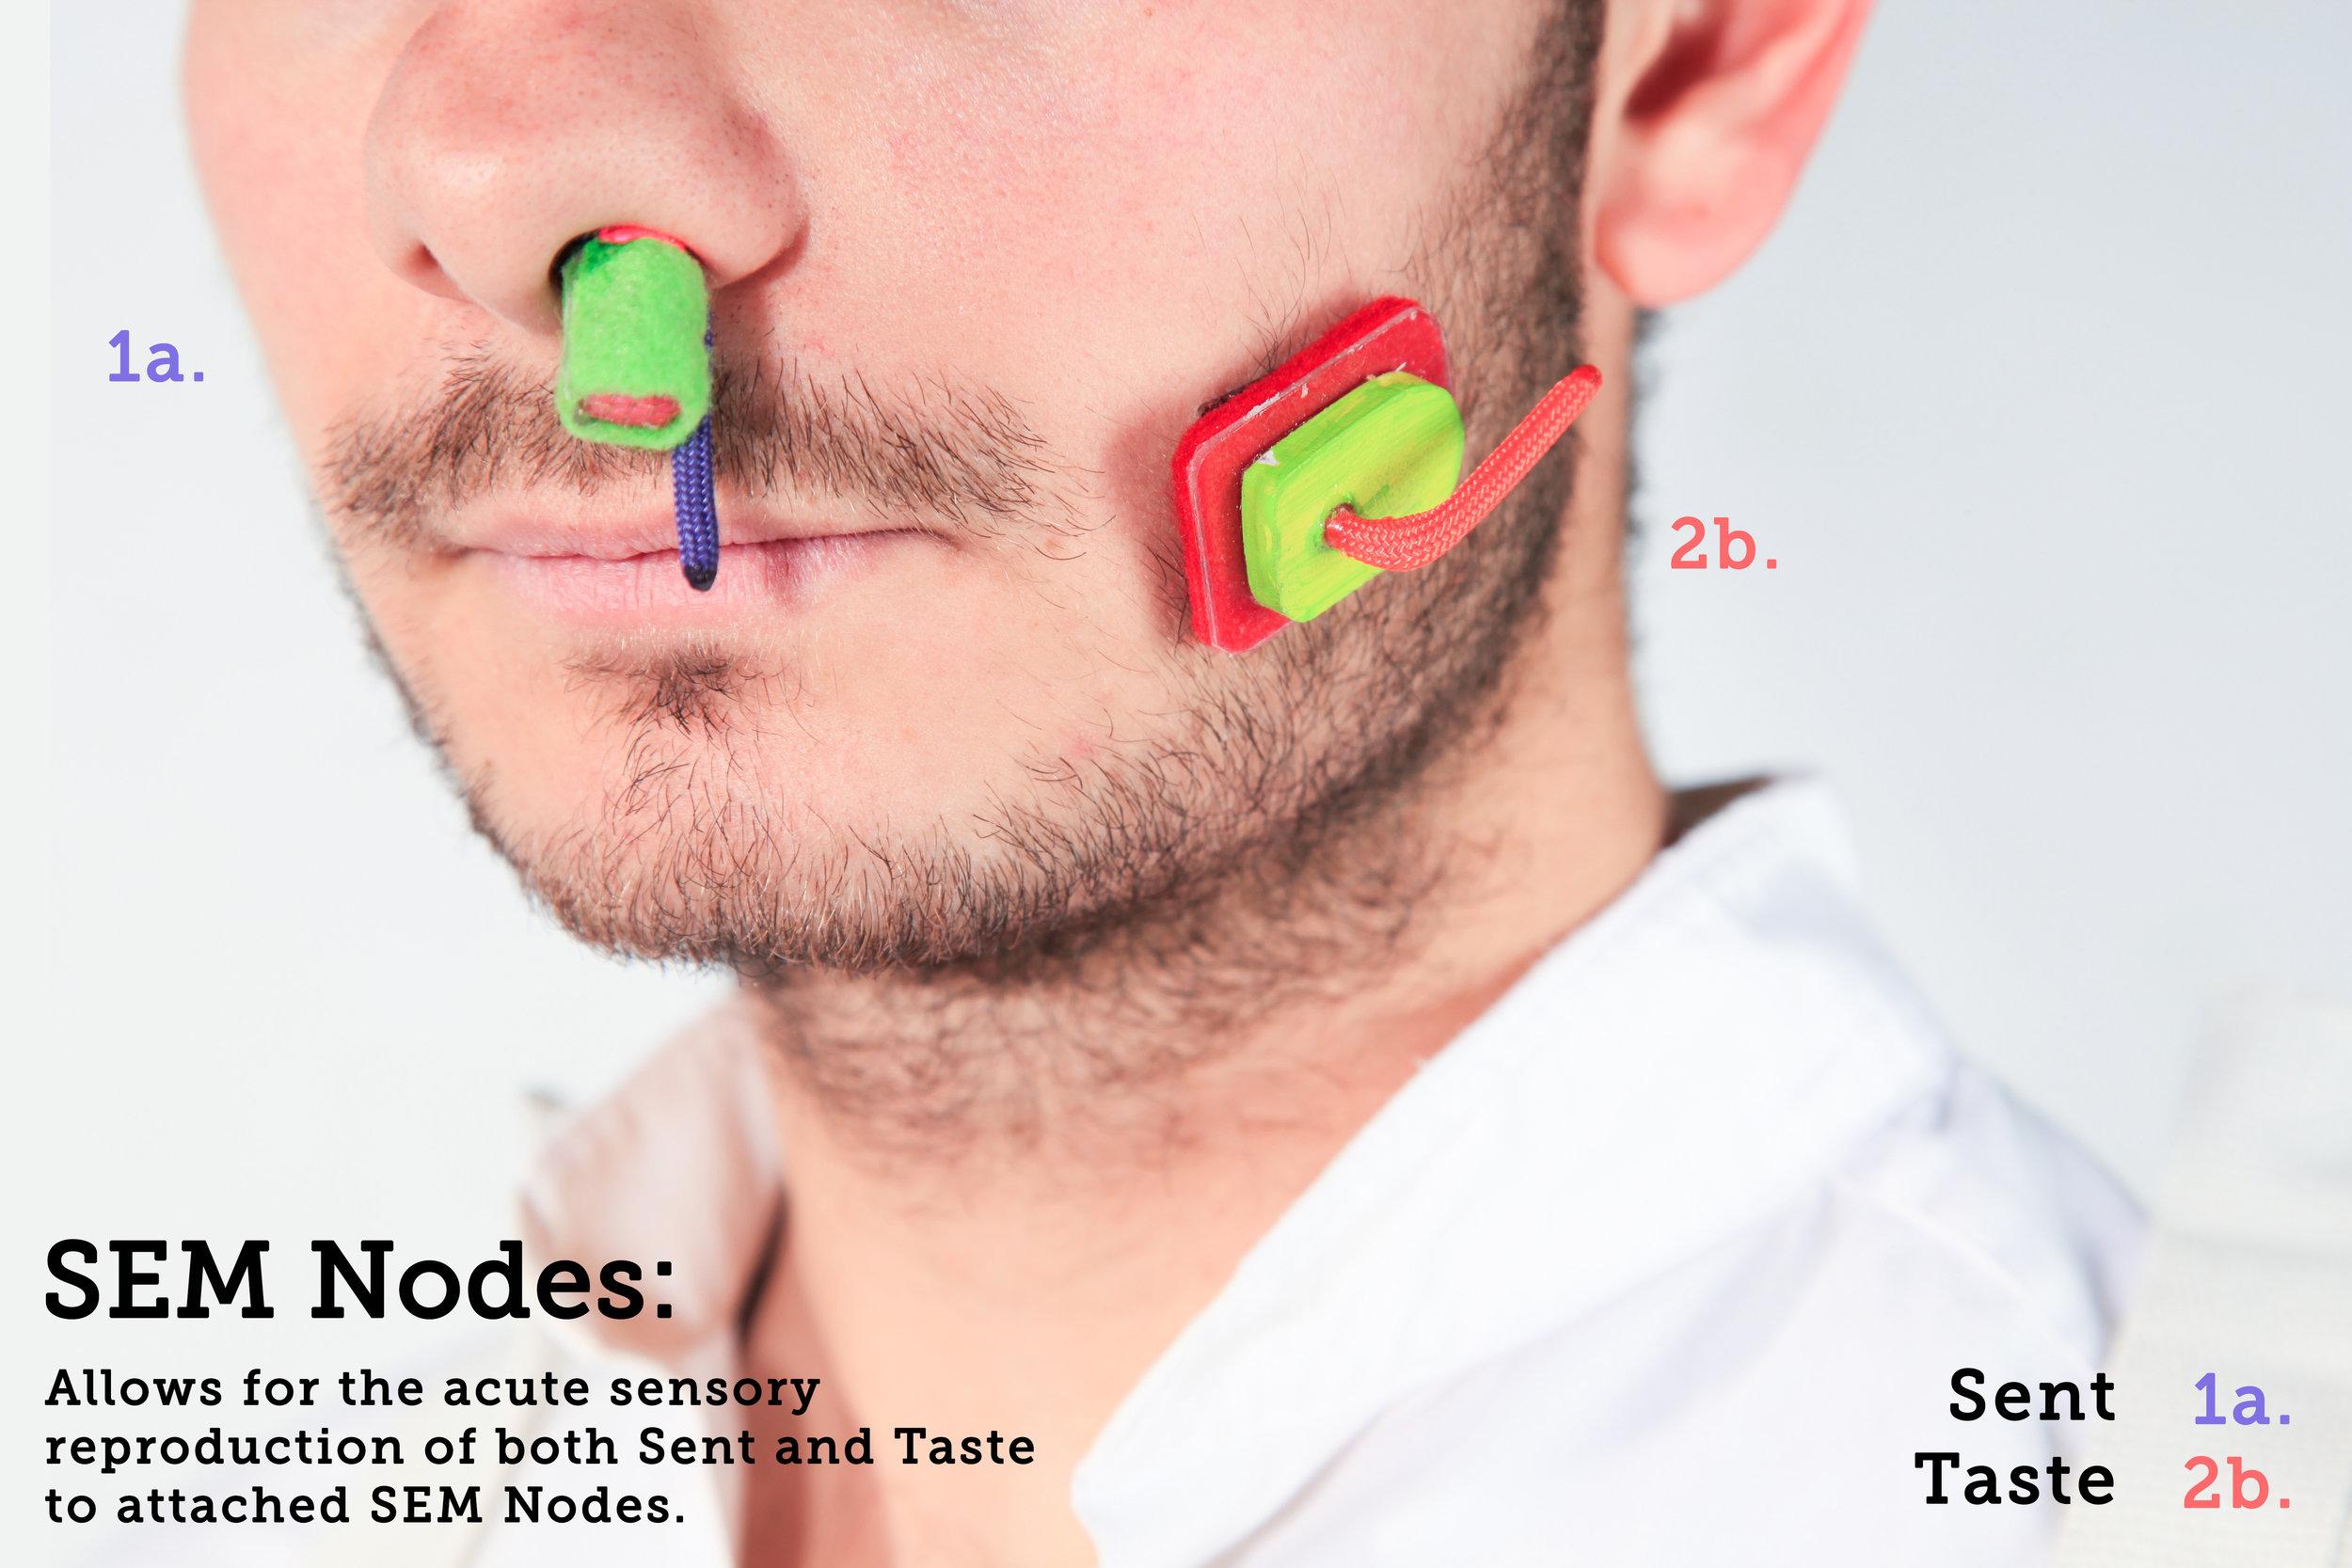 Face_Nodes_Snt_Tast.jpg